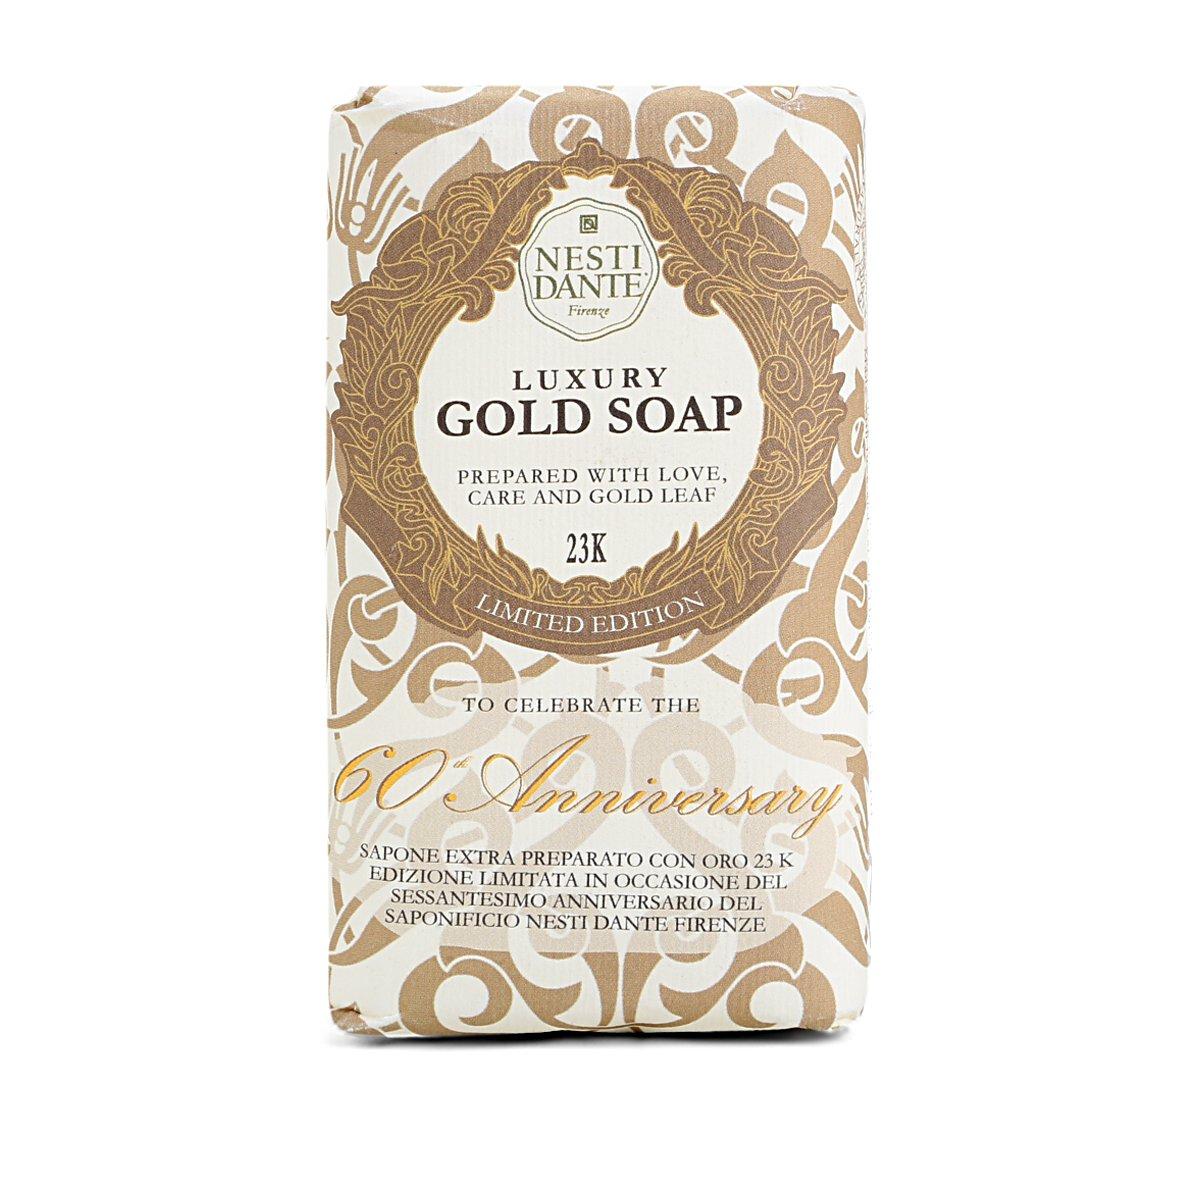 Sabonete em Barra Nesti Dante Gold Soap Com Folha de Ouro 23K 250g